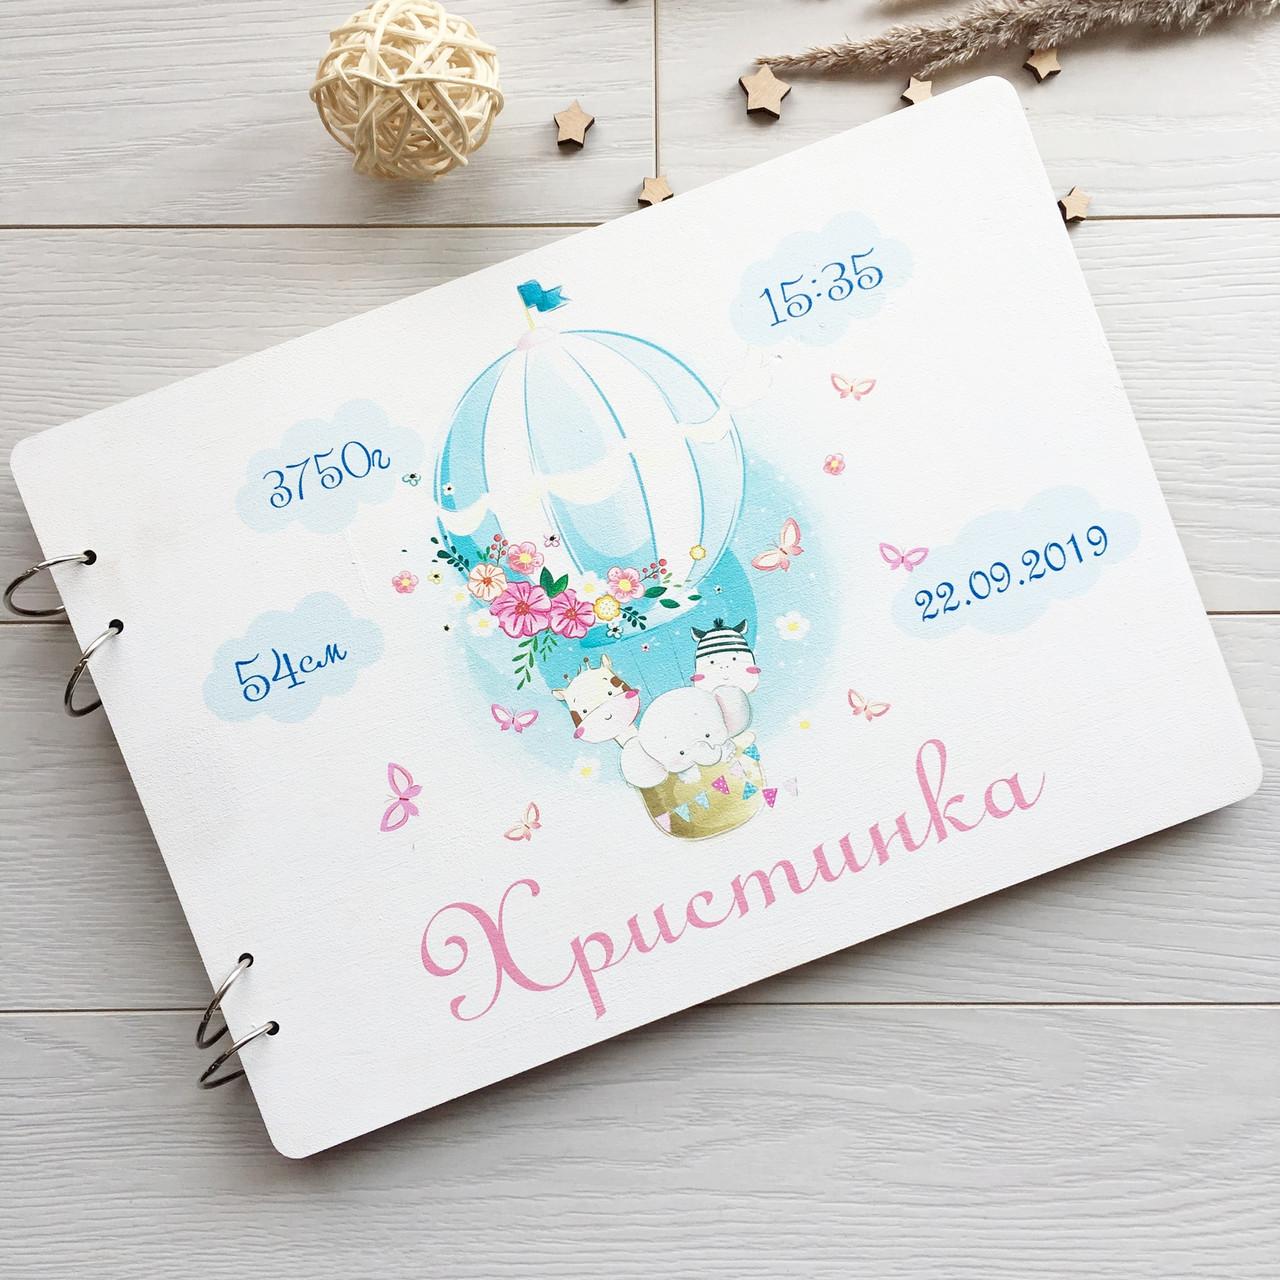 Детский альбом для фото и записей в деревянной обложке с оригинальным дизайном